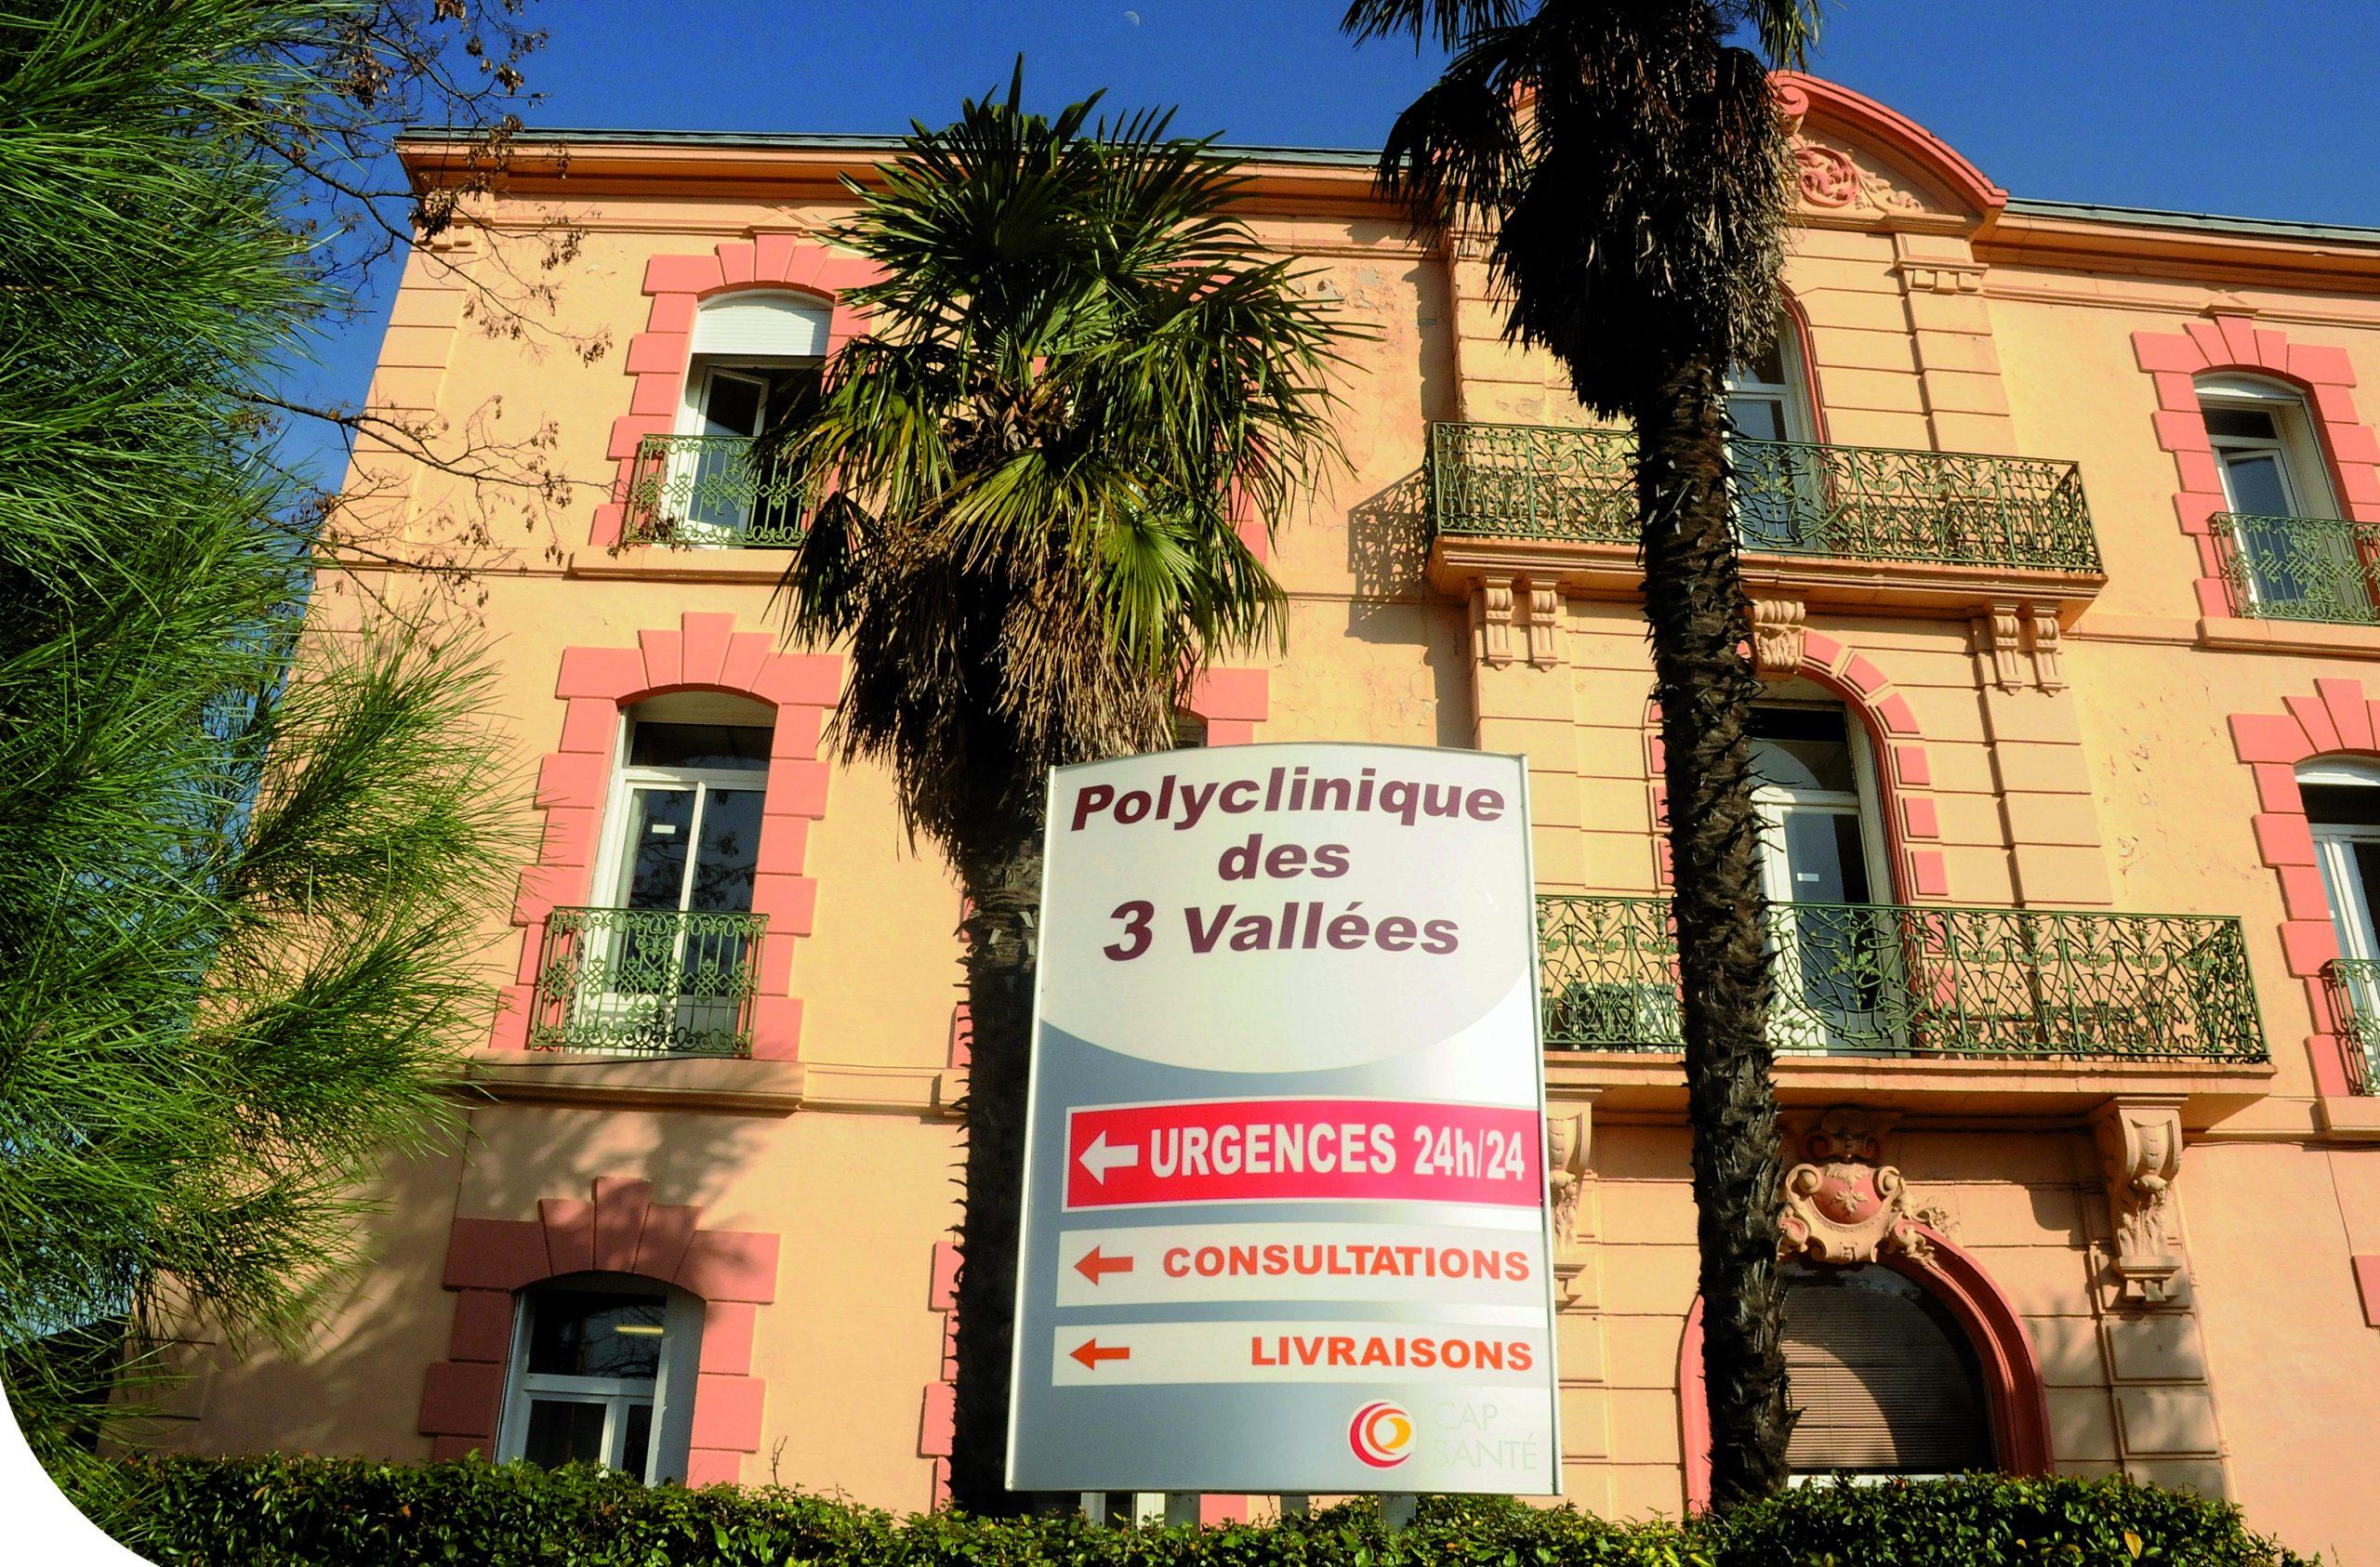 Polyclinique des 3 Vallées